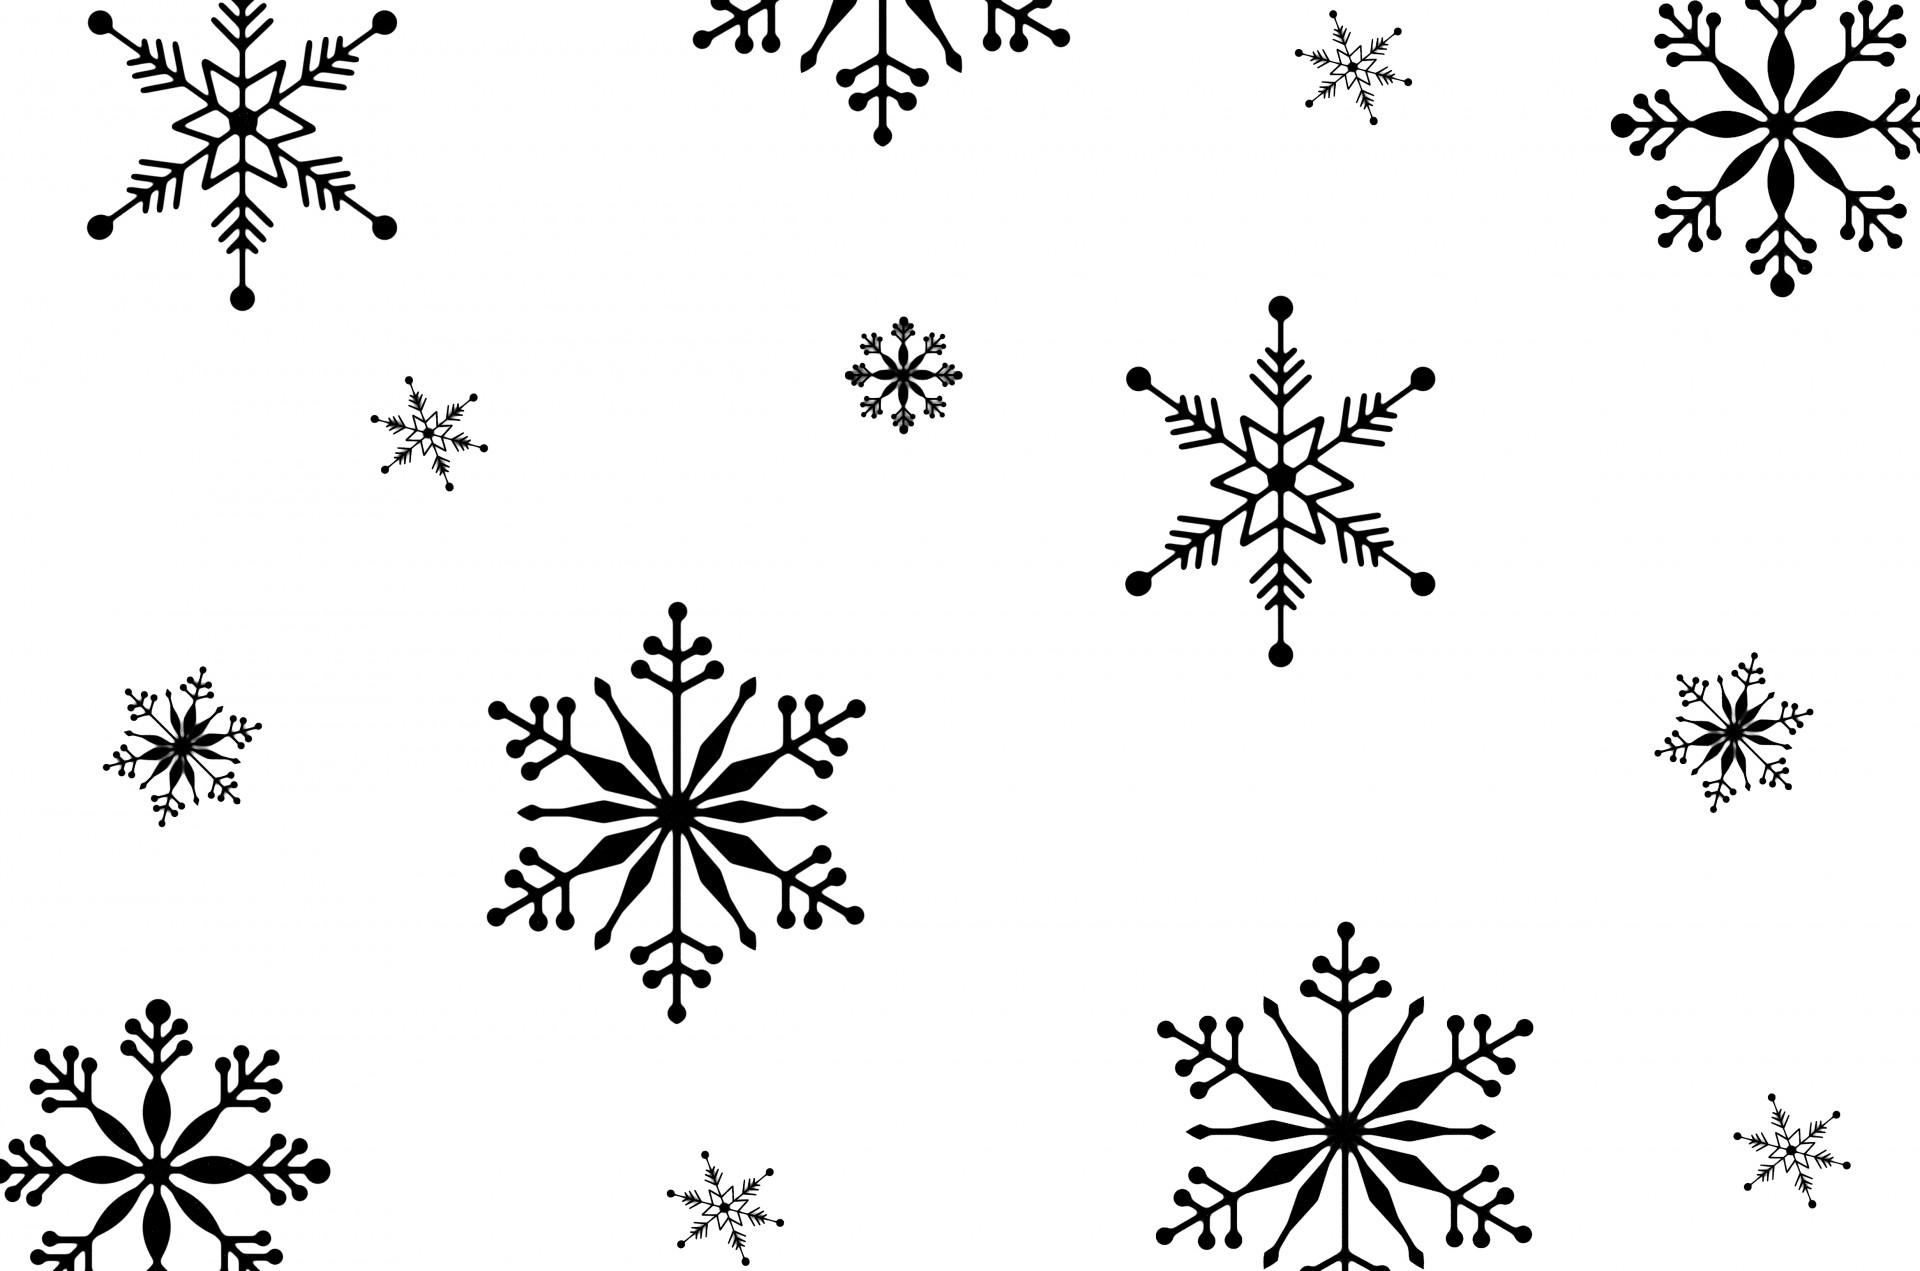 Snowflakes Free Stock Photo